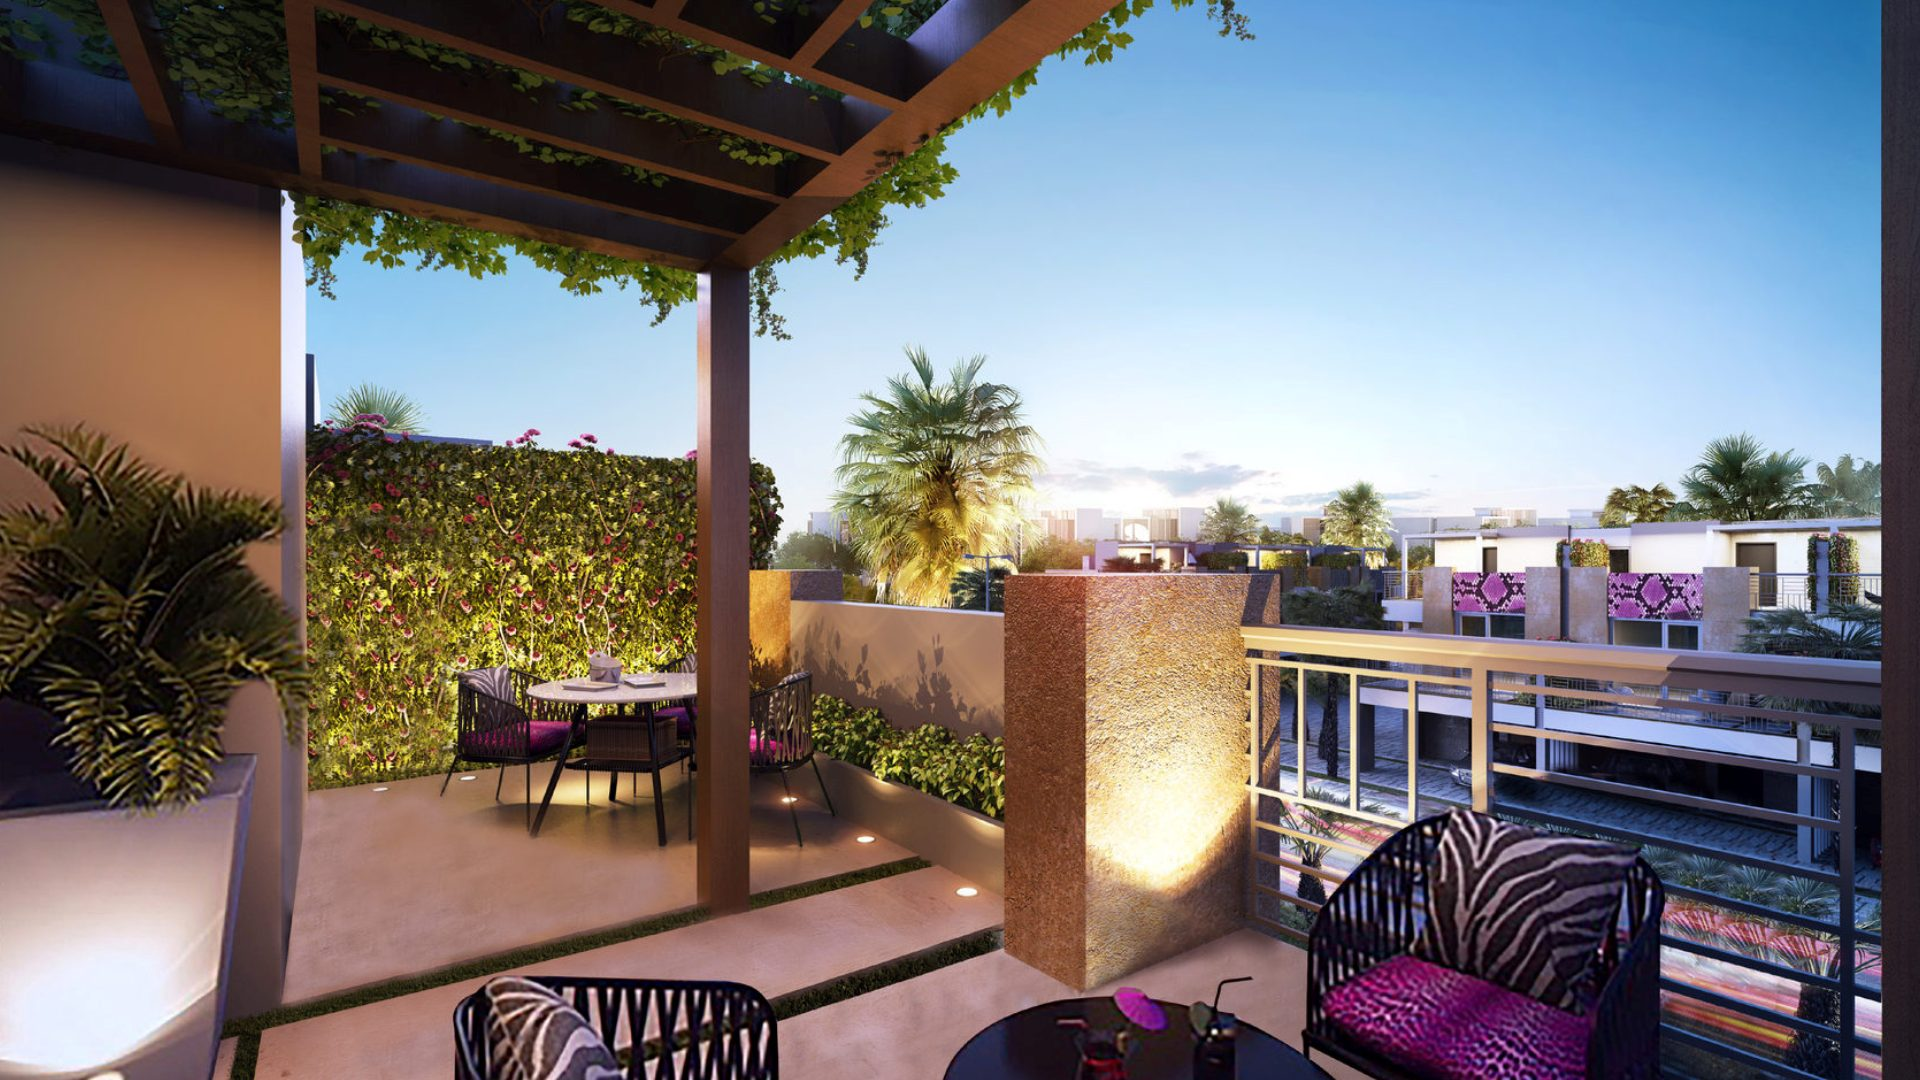 Villa en venta en Dubai, EAU, 3 dormitorios, 170 m2, № 24496 – foto 4